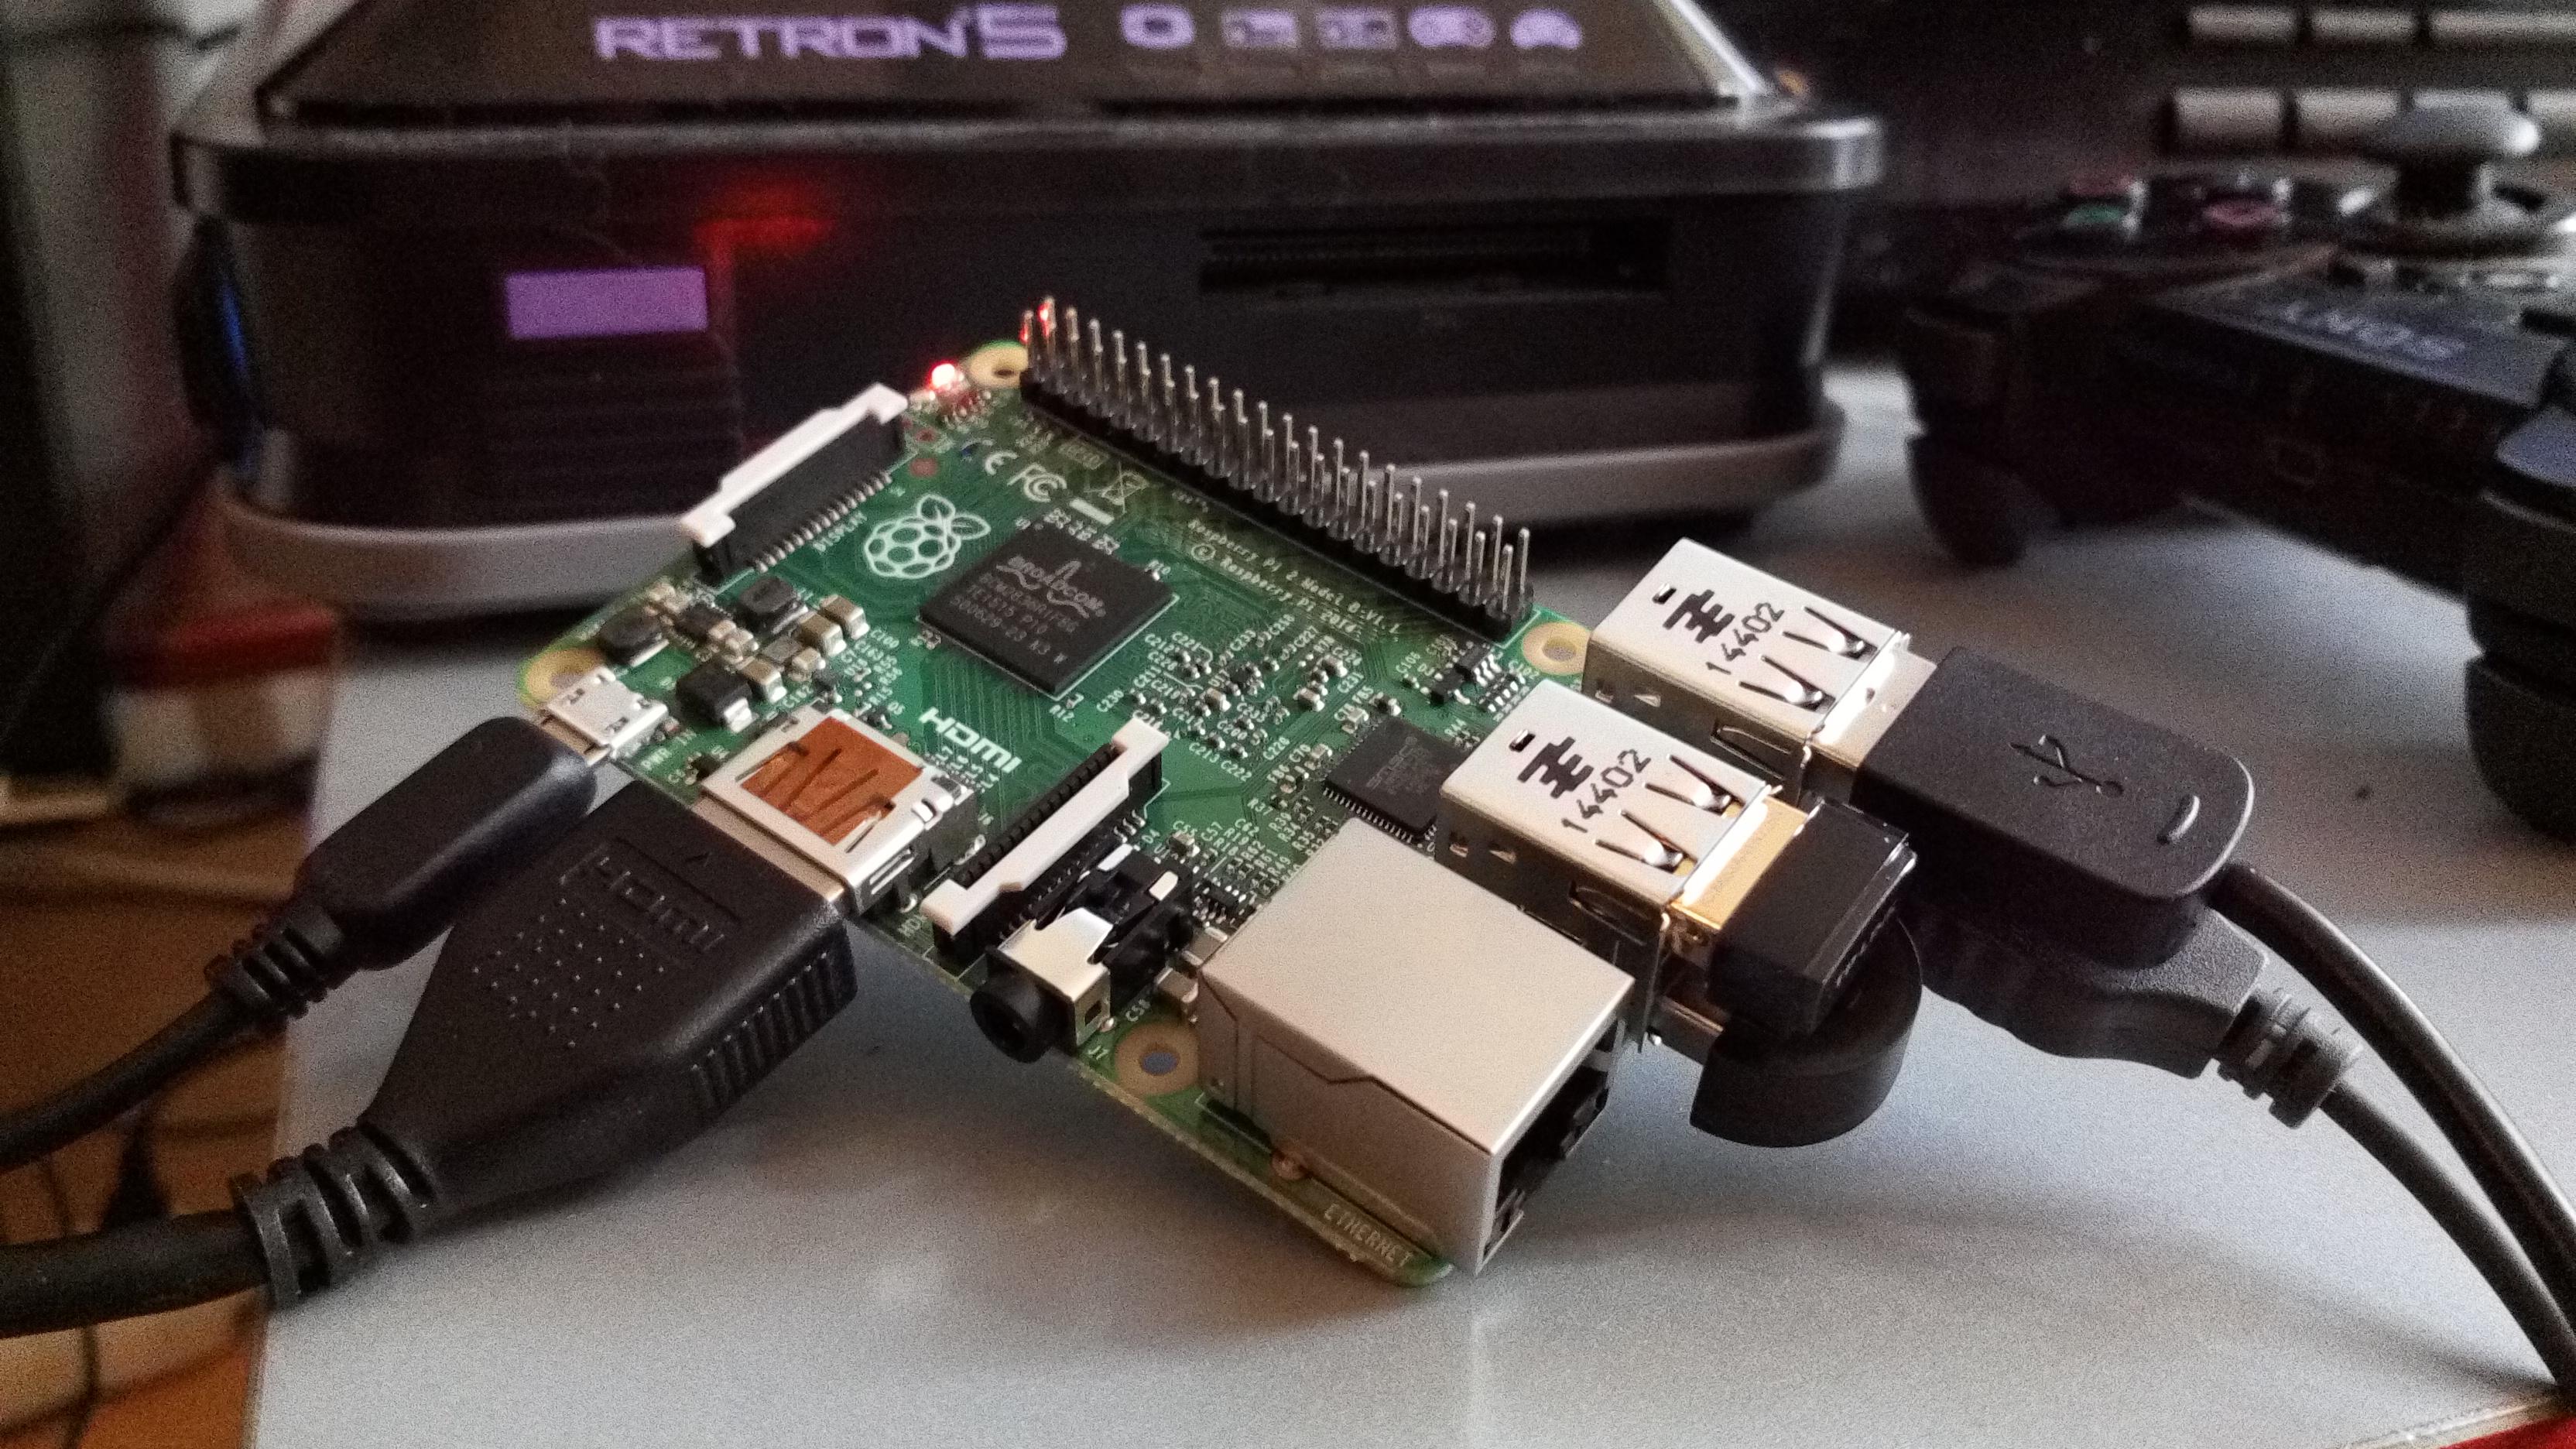 Faire d 39 une veille console une retrobox sous raspberry bbq de bery 6 pxlbbqpxlbbq jeux - Fabriquer une console de jeux ...